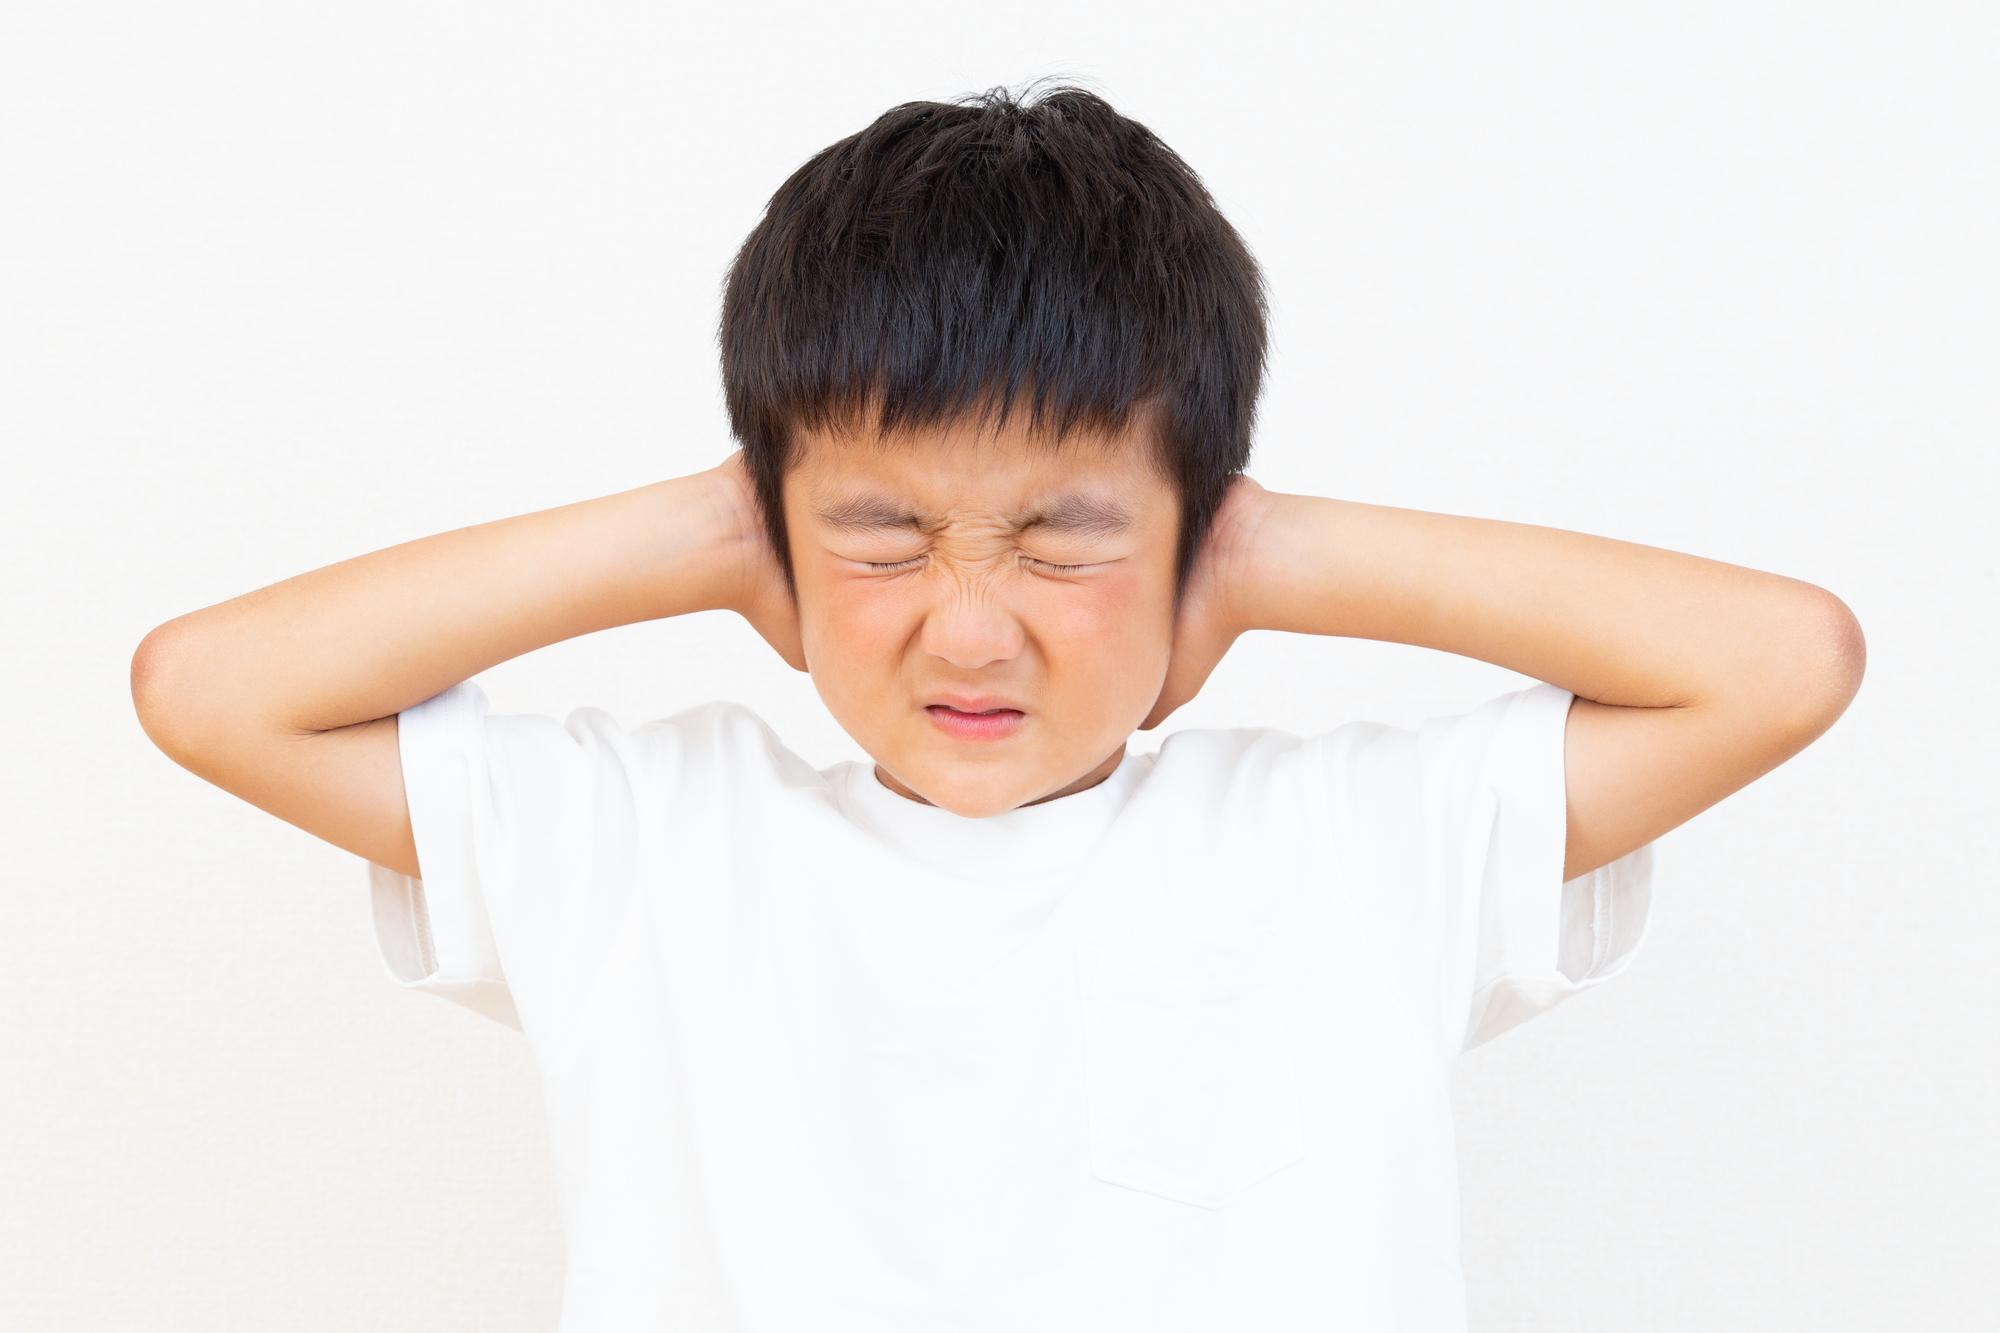 突然!子どもの耳が「聞こえにくい」状態に。一時的な難聴や中耳炎かも